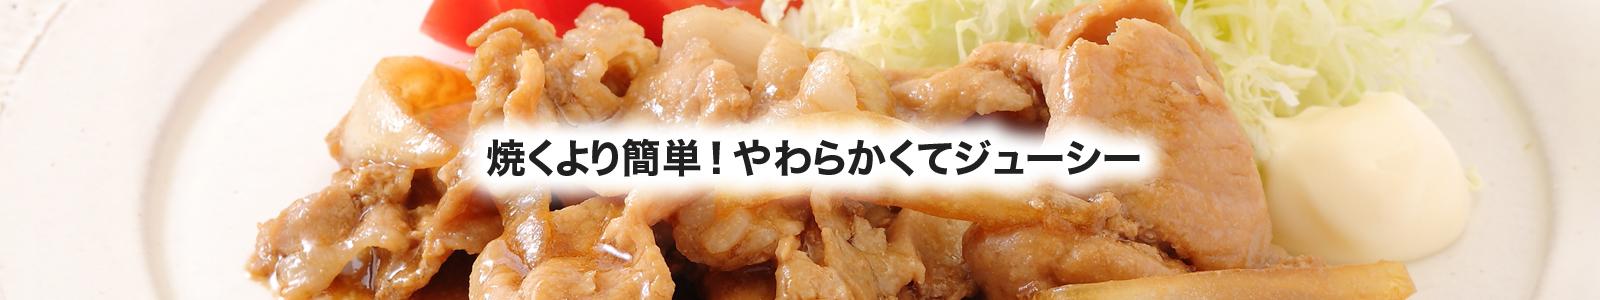 【湯煎調理レシピ】豚の生姜焼き